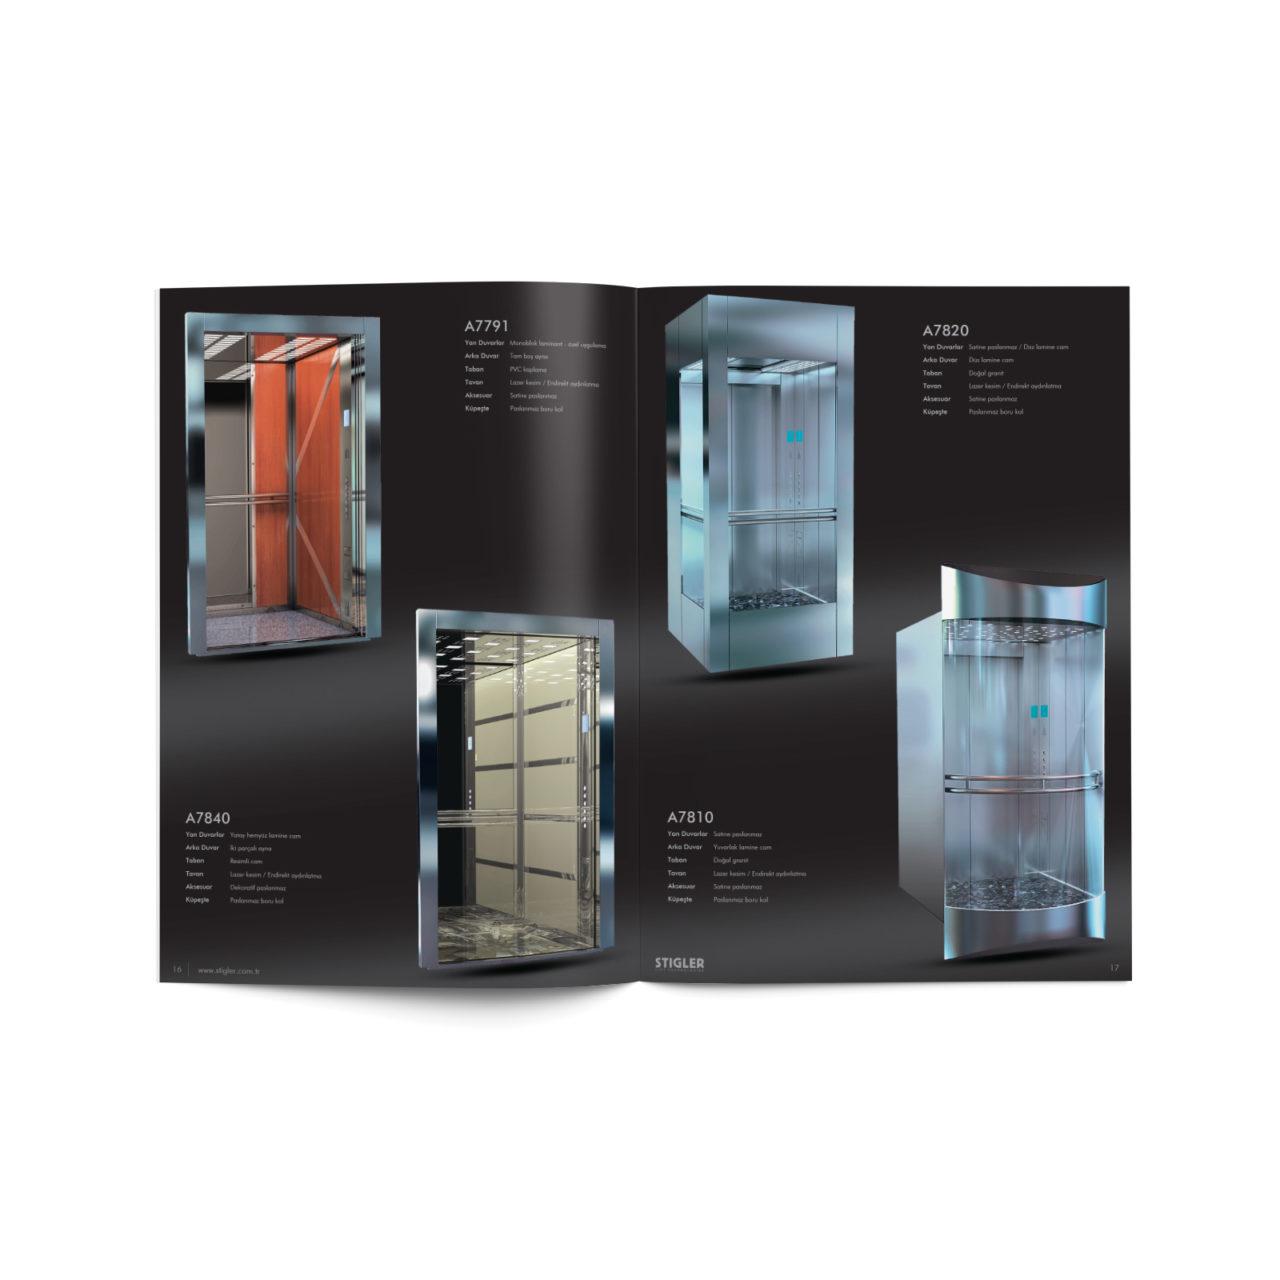 Stigler Katalog Tasarımı